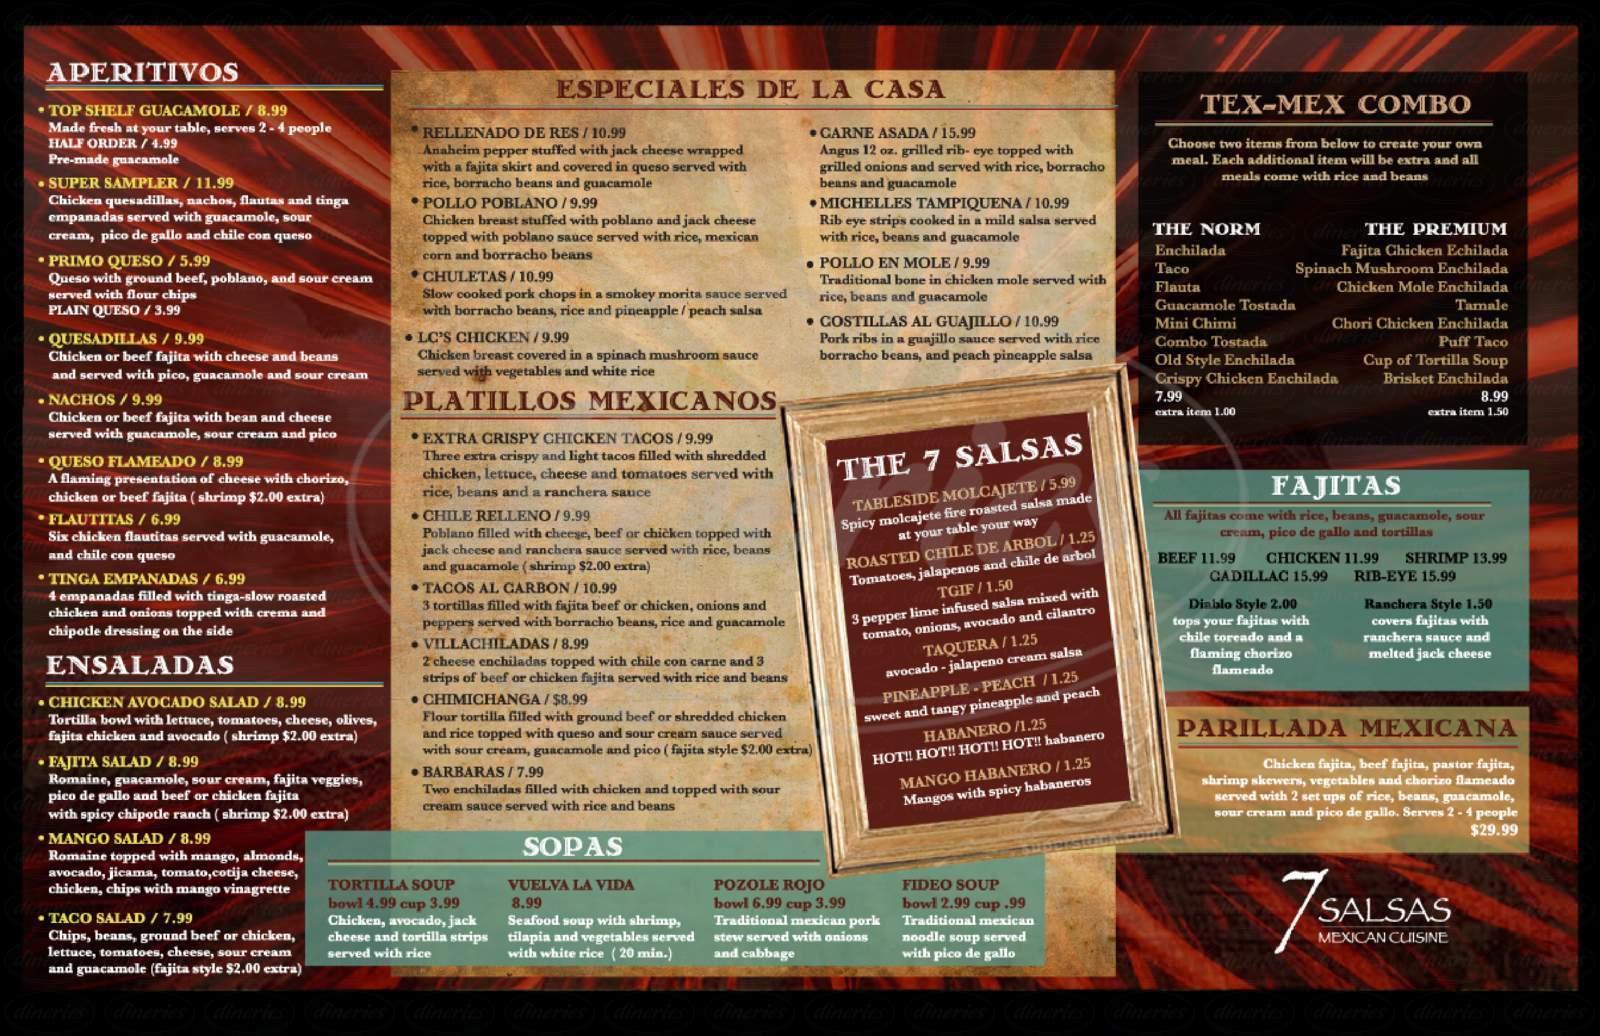 menu for Seven Salsas